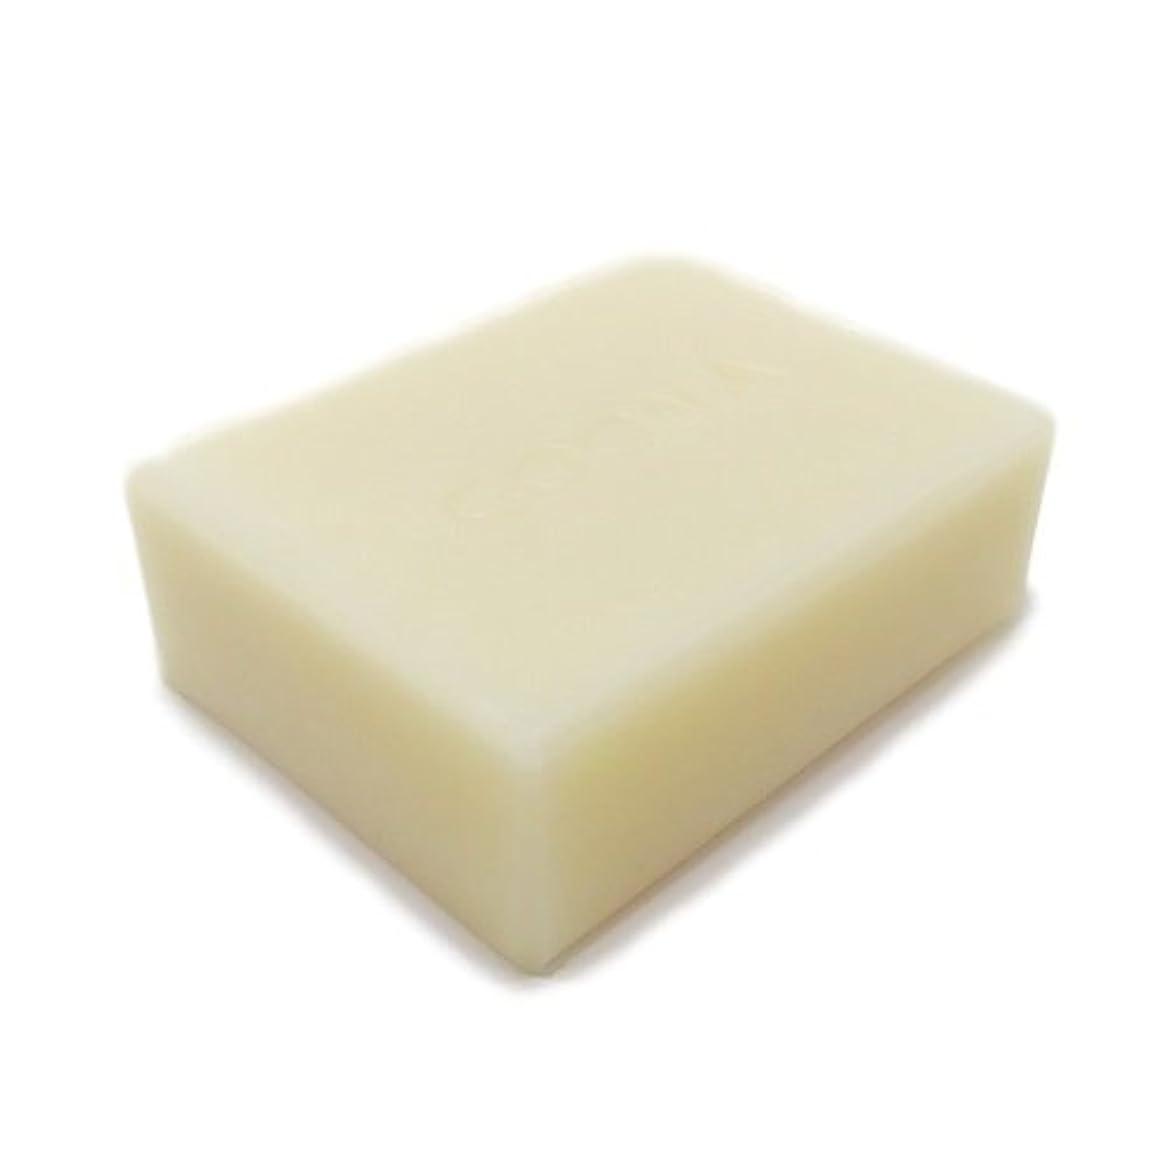 トラブルぴかぴかうぬぼれた浴用石鹸 COONA和の香り石けん ひのき (天然素材 自然派 コールドプロセス 手作り せっけん) 80g